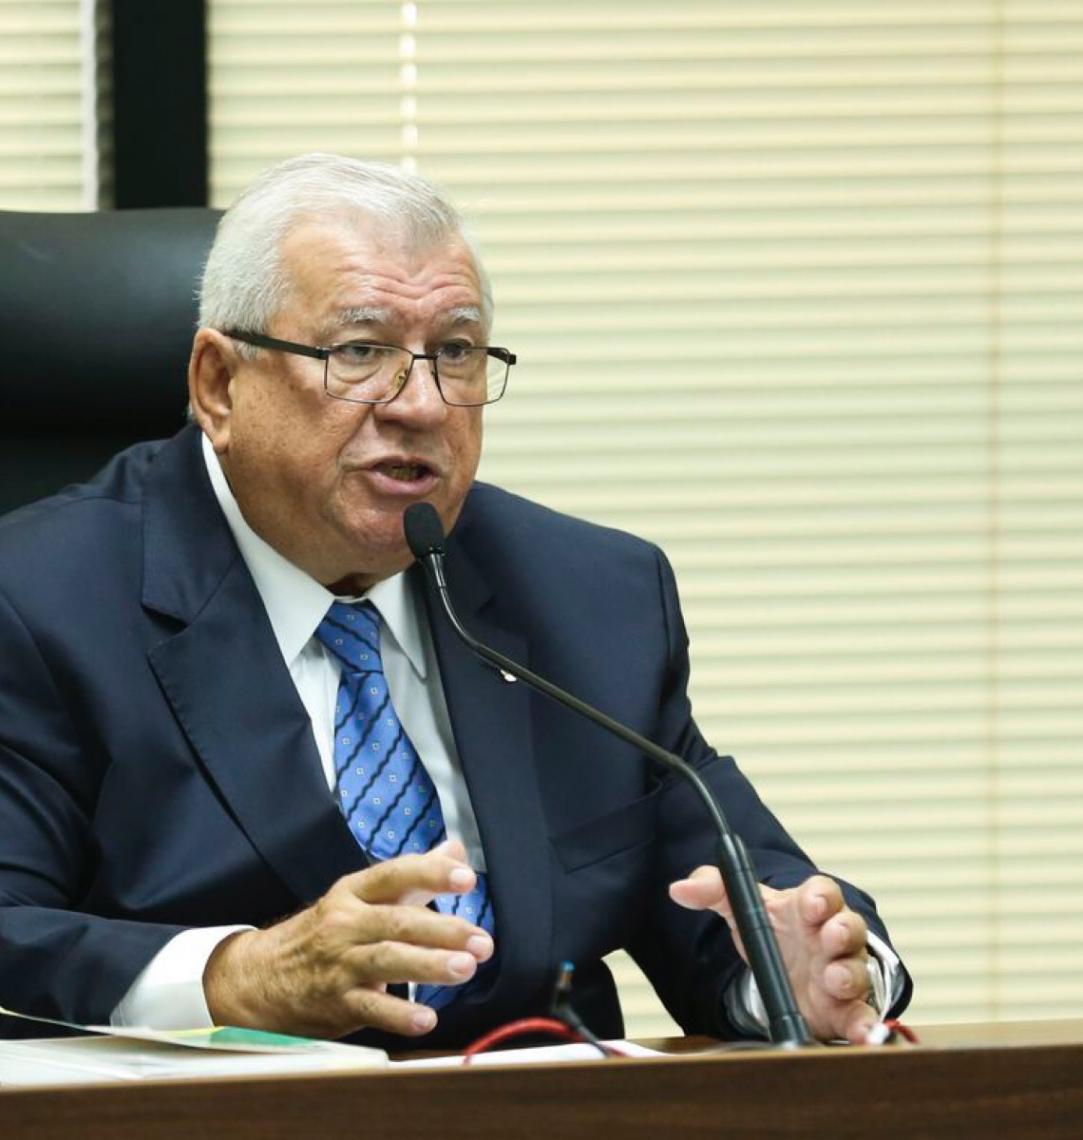 Alcides Martins assume Procuradoria-Geral da República  e anuncia retorno de membros da Lava Jato